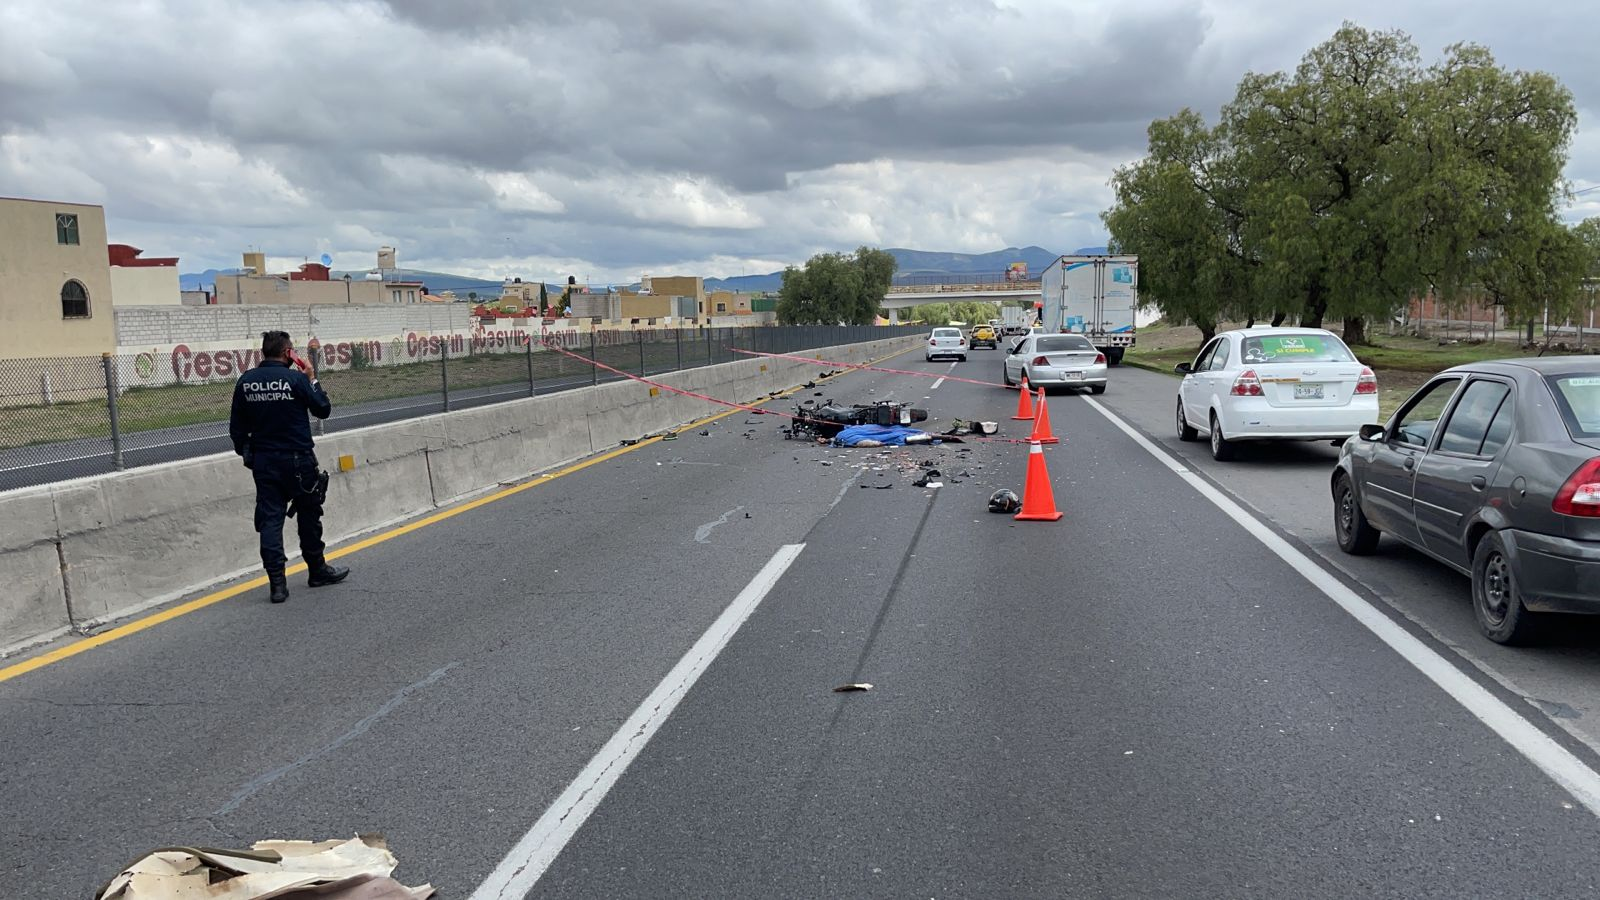 El accidente se registró alrededor de las 10:00 de la mañana de este viernes 14 de mayo